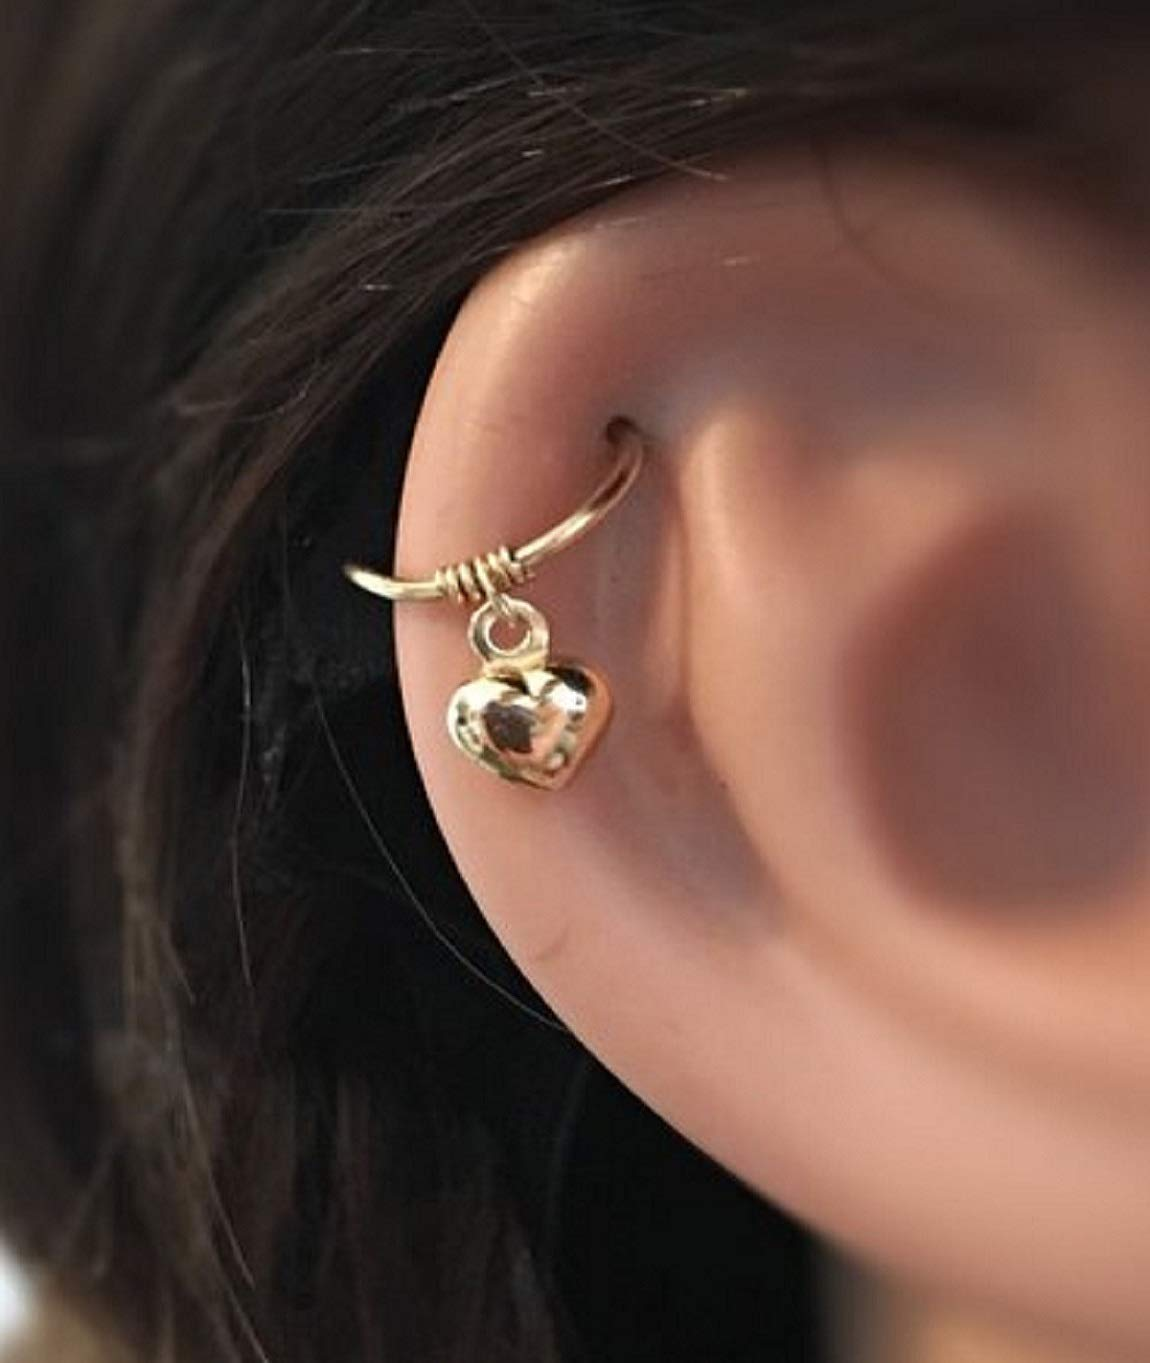 d11c338d052d6 Heart Cartilage Earring 14K Gold Helix Ring Tragus Hoop